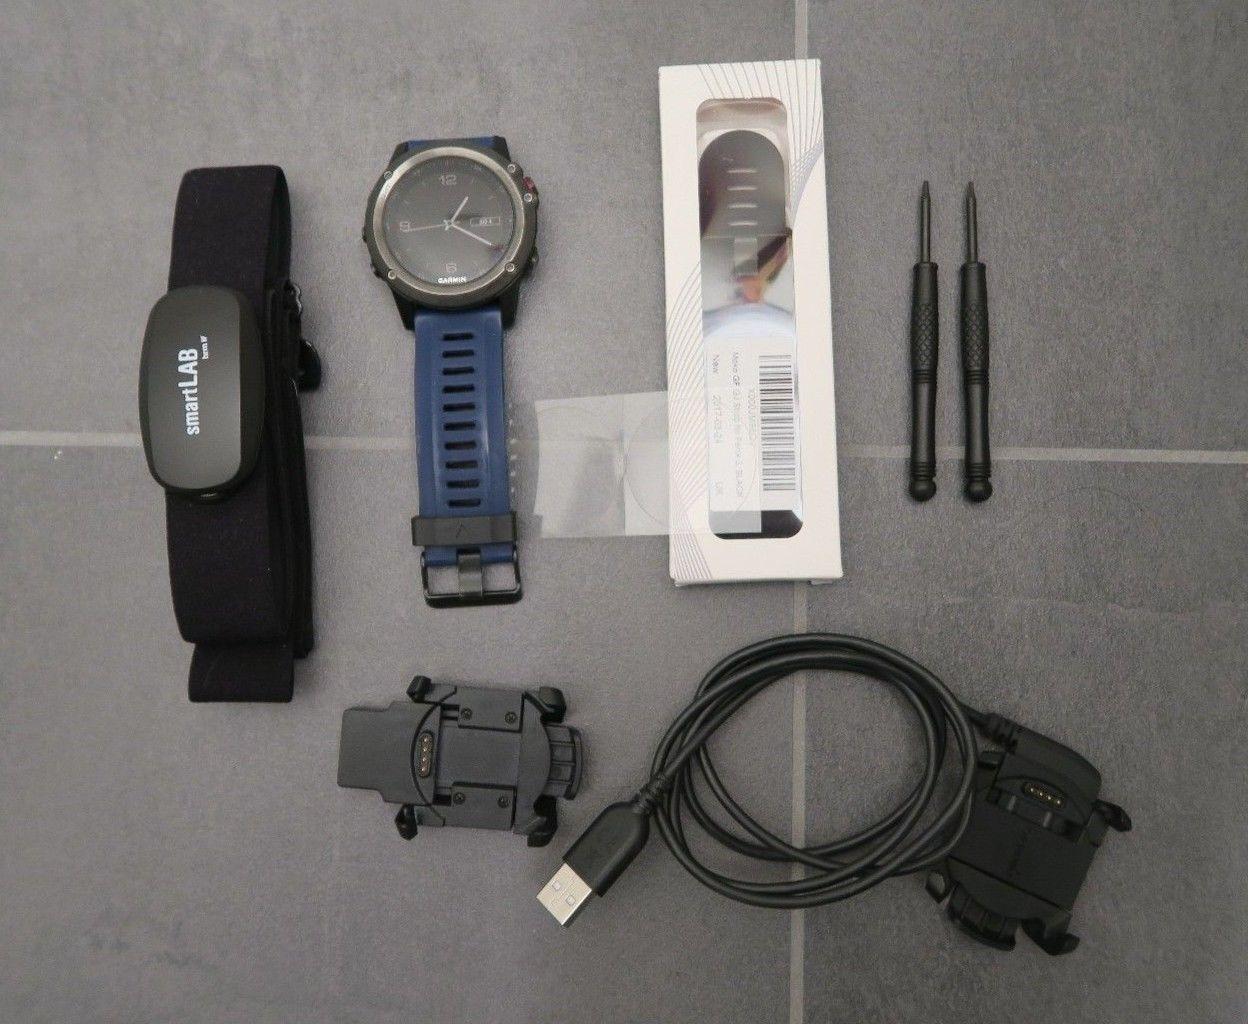 Garmin Fenix 3 Multi Sportuhr mit Zubehör